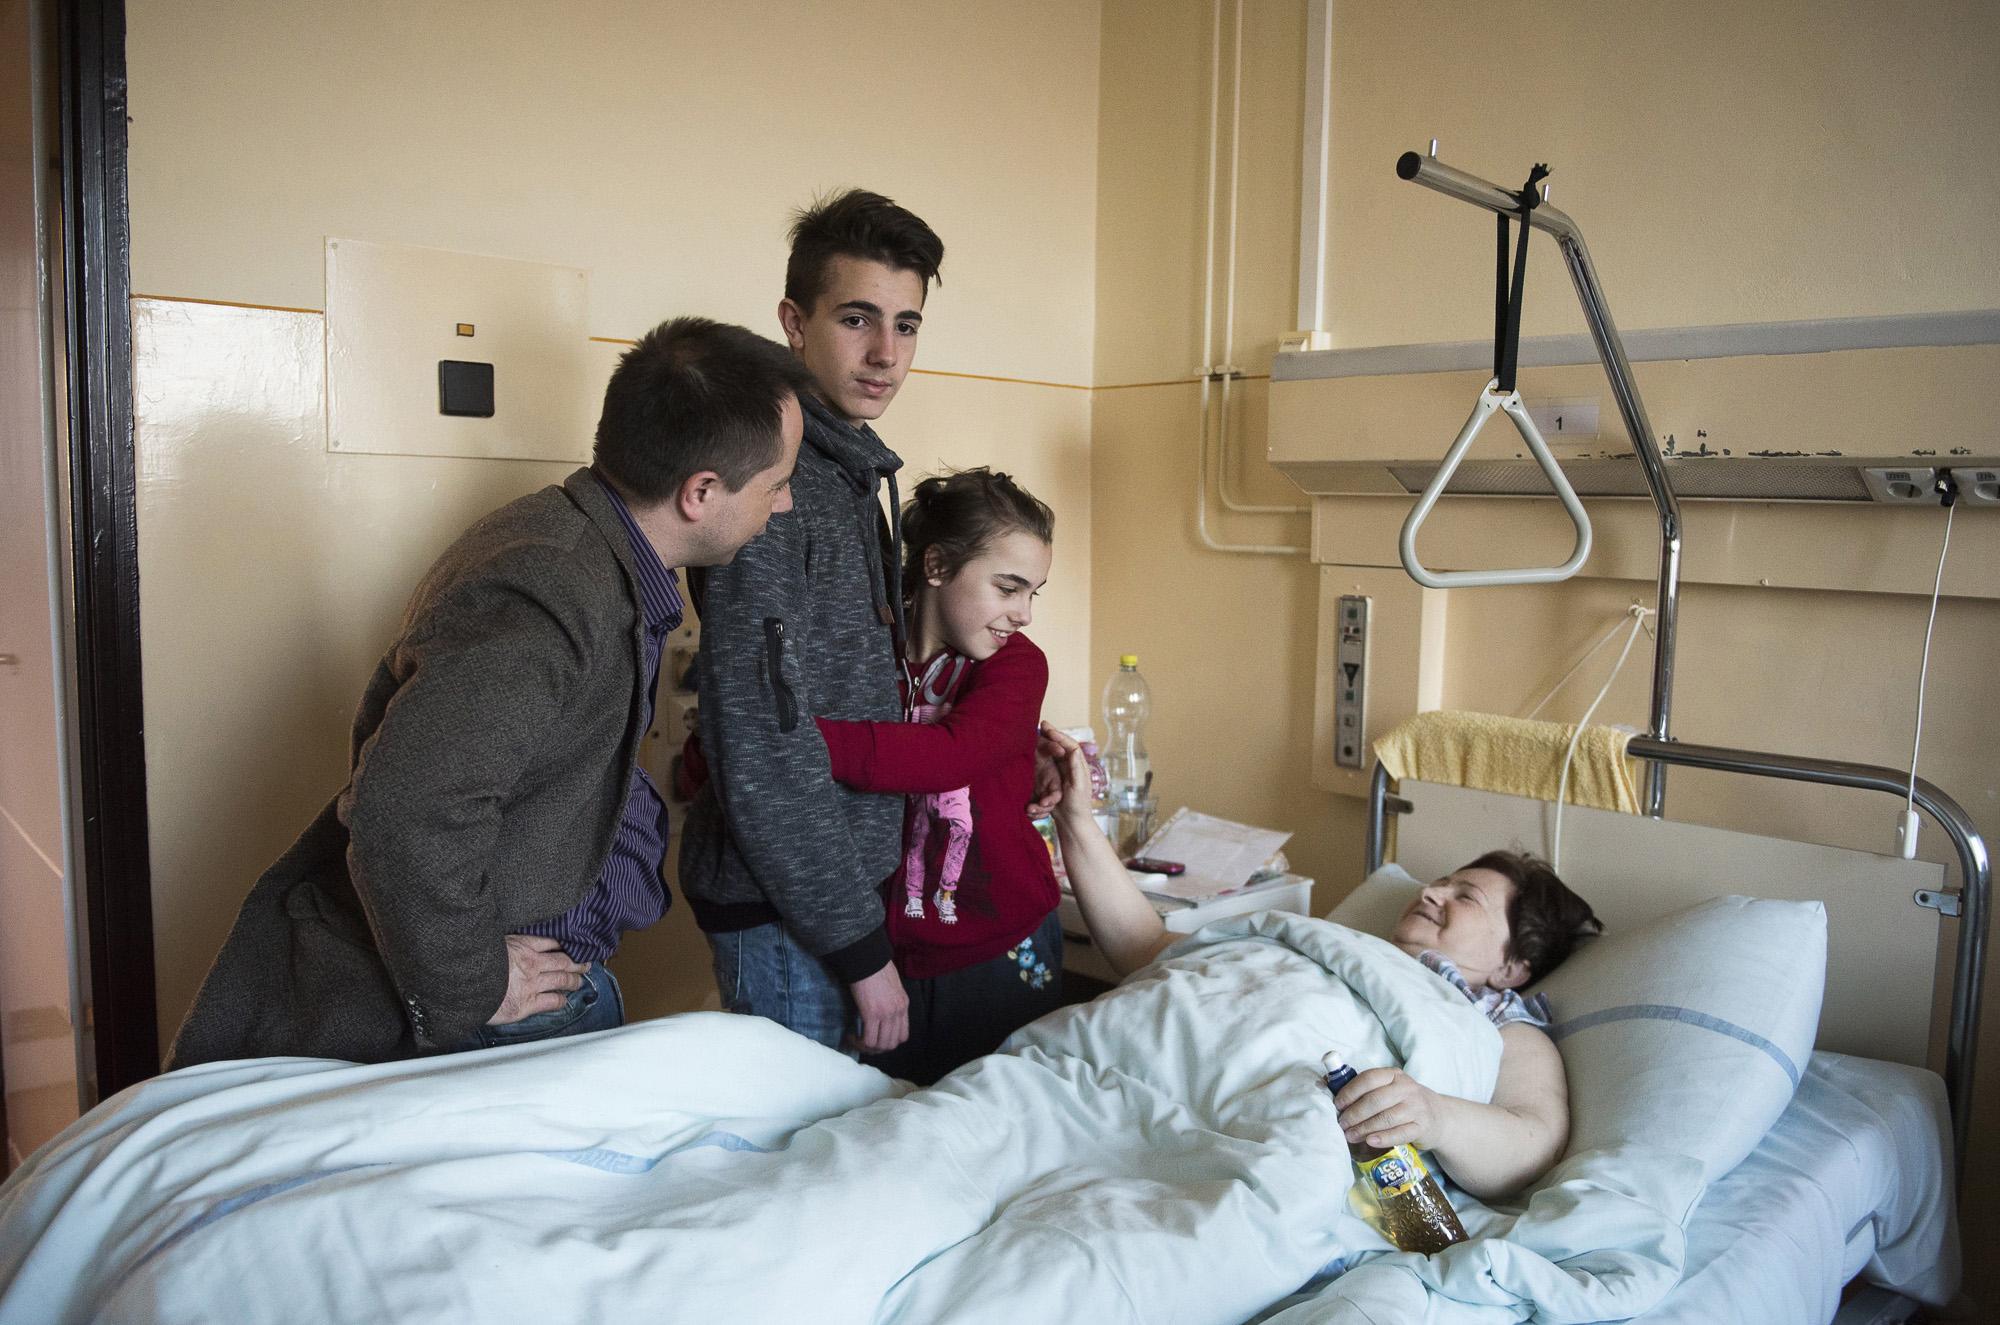 Nyíregyháza, 2017. március 30.Farkas Árpád (b) gyermekei, ifj. Farkas Árpád és az autizmus spektrumzavarral élő Farkas Laura társaságában meglátogatja műtéten átesett édesanyját, id. Farkas Árpádnét a nyíregyházi Jósa András Oktató Kórházban 2017. március 22-én. Az állandó felügyeletet igénylő gyermek nevelésének nehézségei miatt a család felbomlott, a szülők elváltak. A két gyermekét egyedül nevelő Farkas Árpád korábban jól működő vállalkozásaira nem tudott elég időt fordítani, így az egykor jó körülmények között élő család anyagi helyzete megváltozott. A férfi alapító elnöke az autista gyerekek szülői szervezetének, a 2014 tavaszán bejegyzett Most Élsz Egyesületnek, amely folyamatosan keresi a gyógyítás újabb és újabb lehetőségeit.MTI Fotó: Balázs Attila